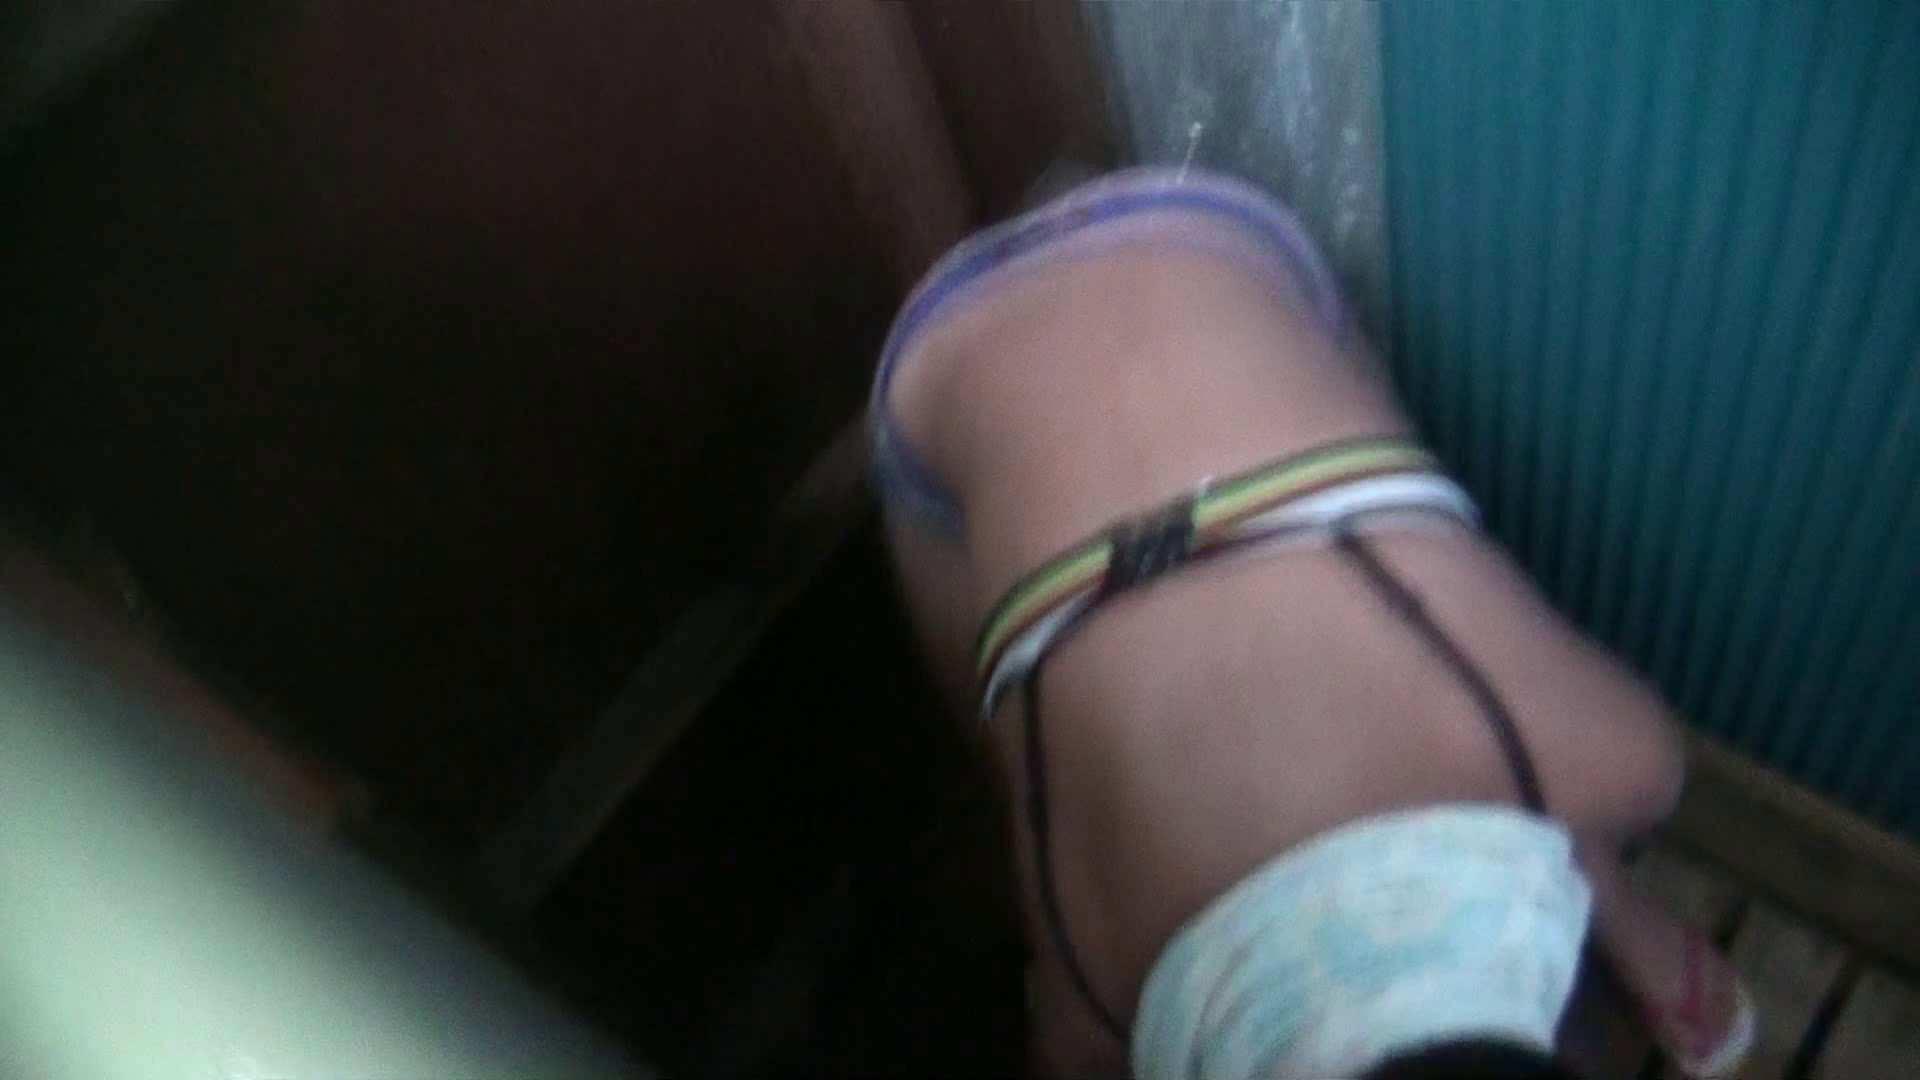 シャワールームは超!!危険な香りVol.17 ガーリーなビキニと下着に興奮です! 脱衣所の着替え   高画質モード  69画像 49